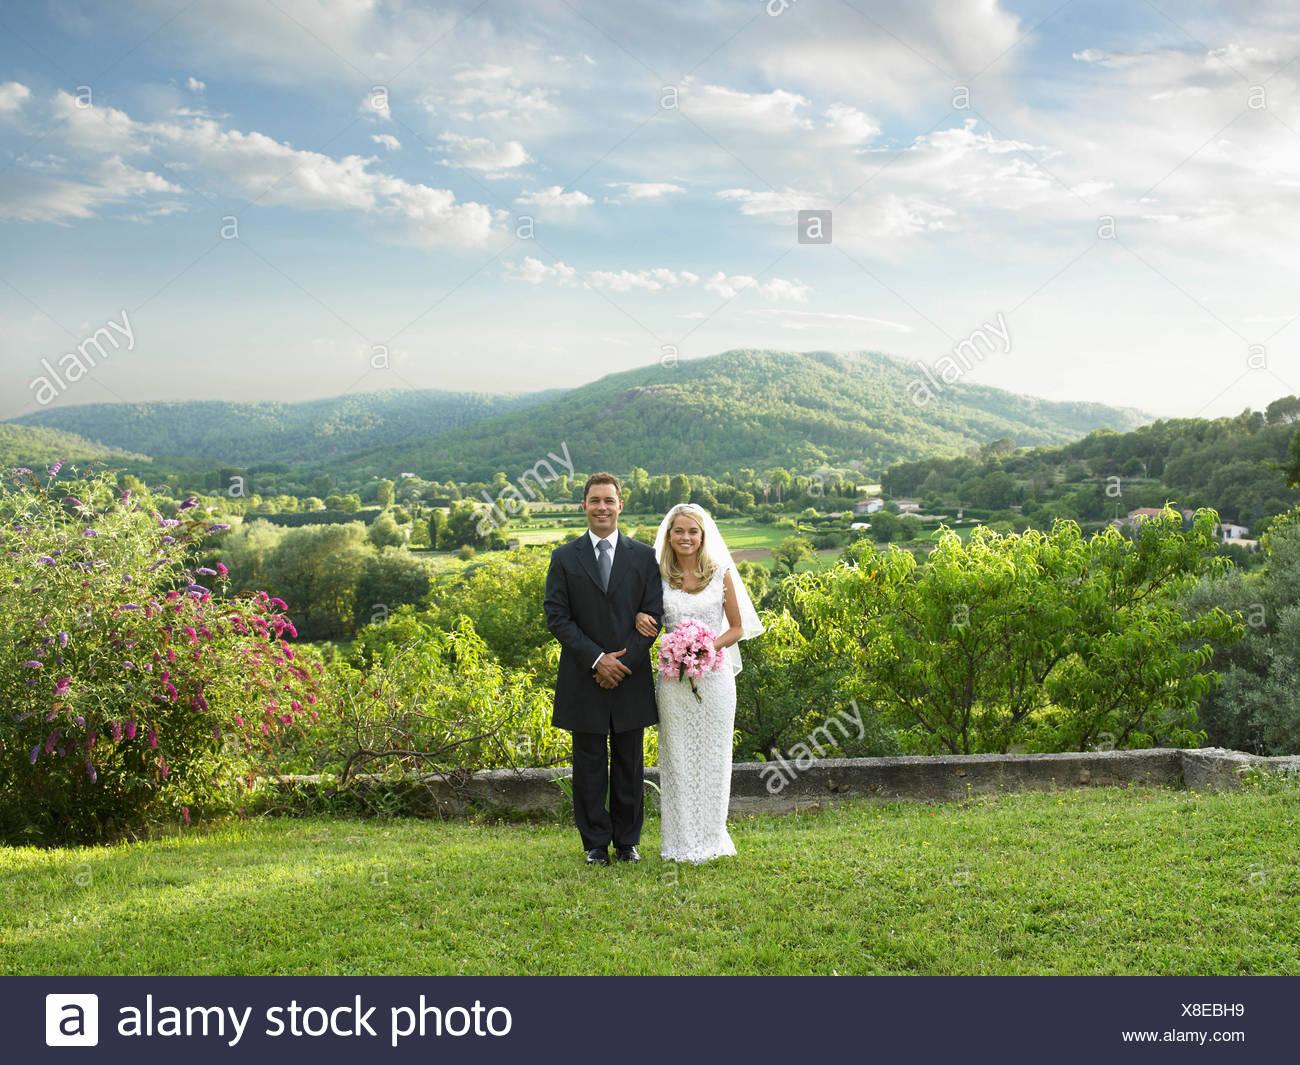 Wedding couple in sunlit garden - Stock Image